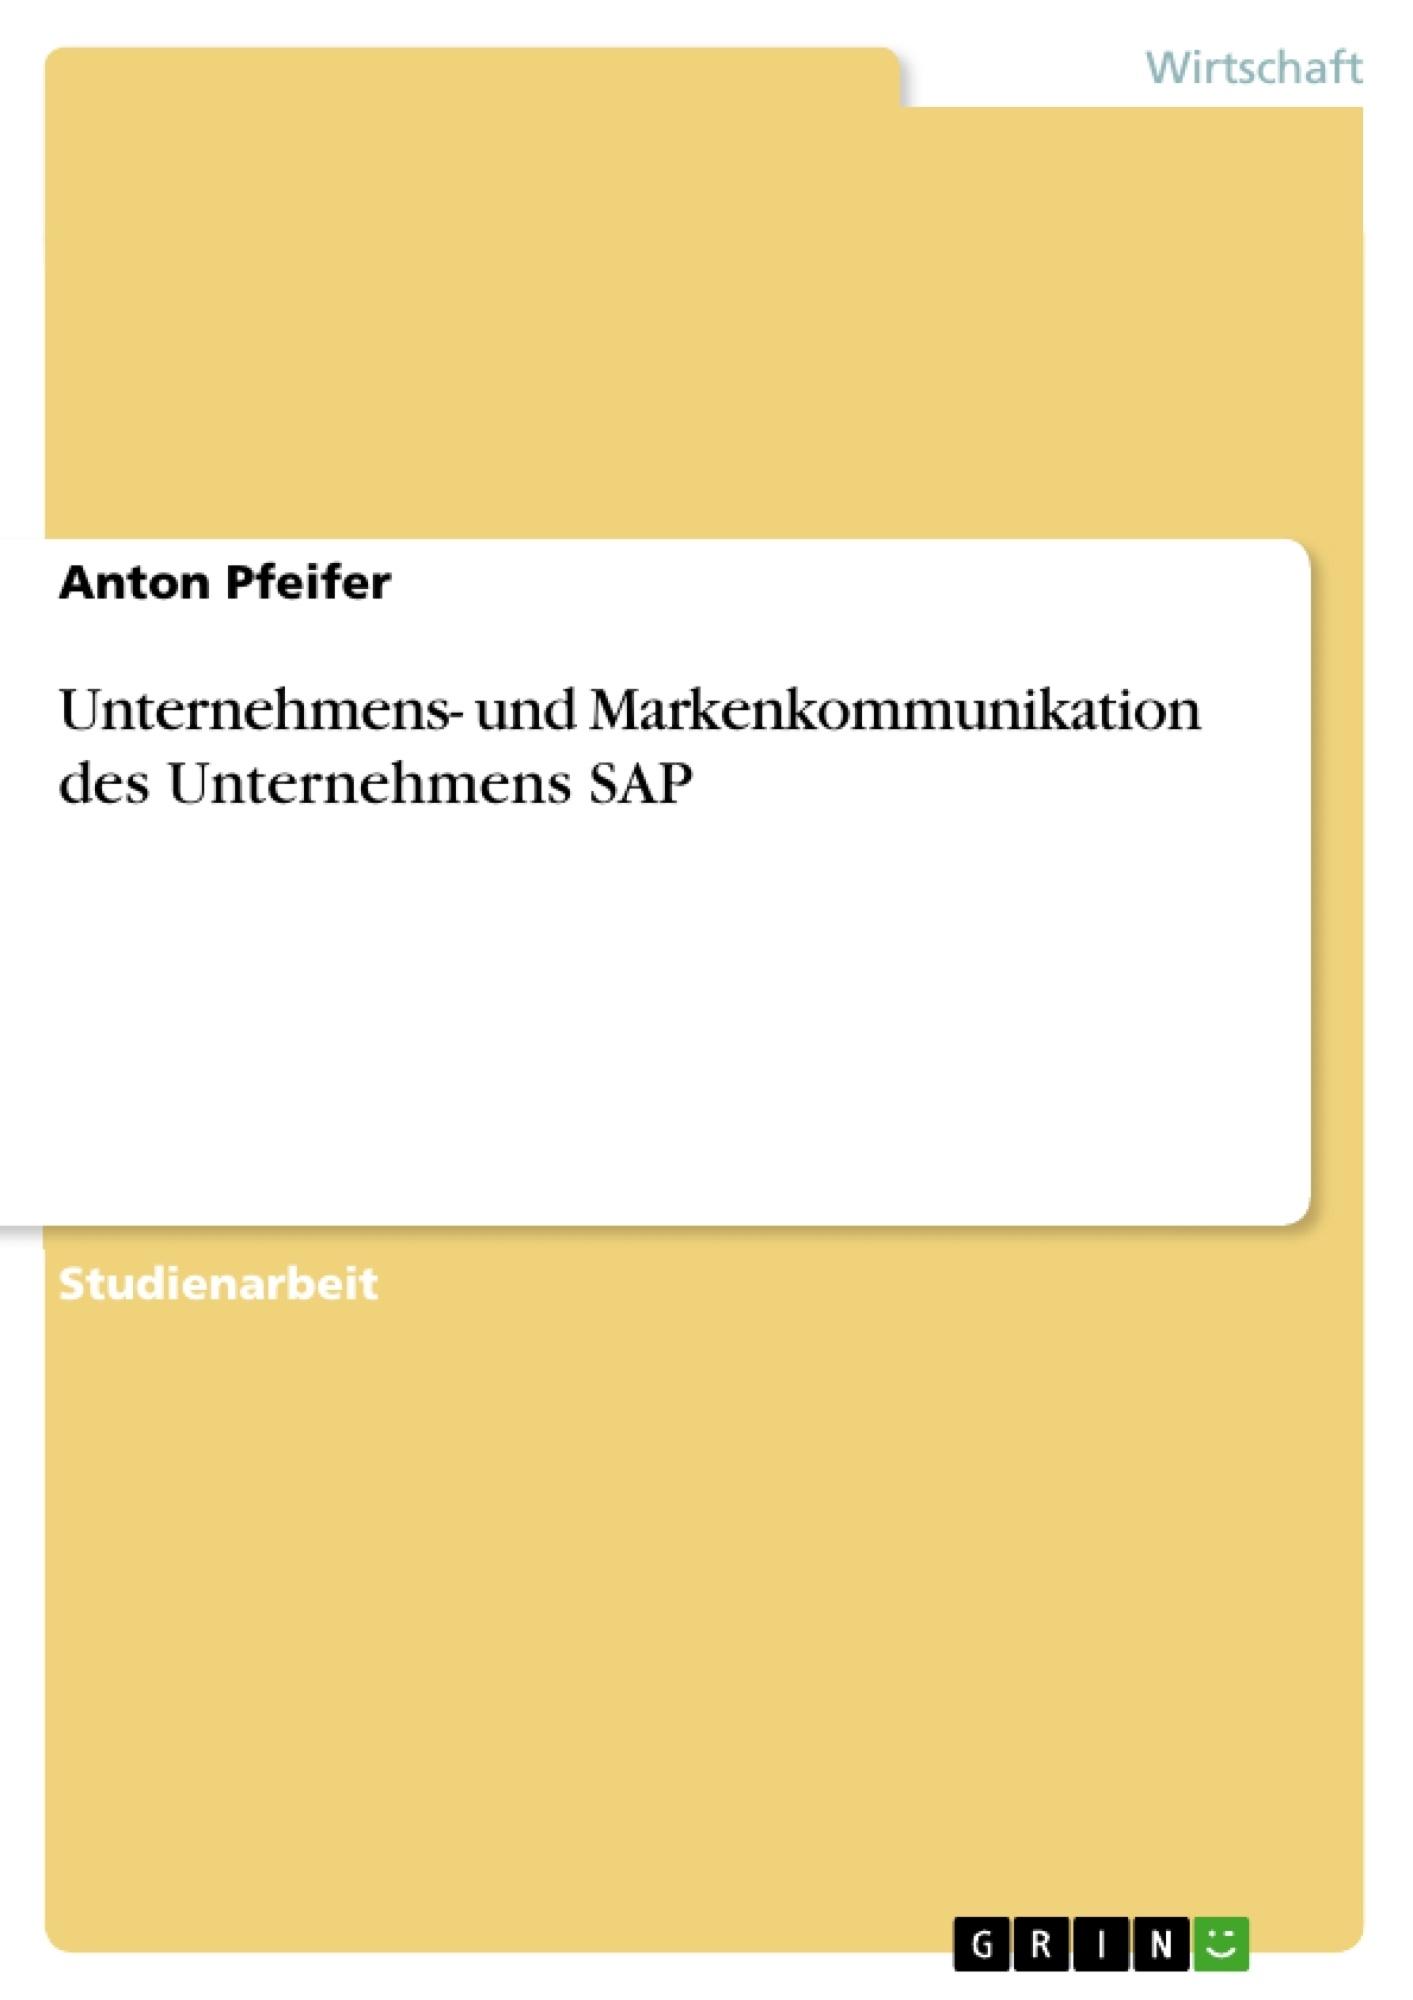 Titel: Unternehmens- und Markenkommunikation des Unternehmens SAP